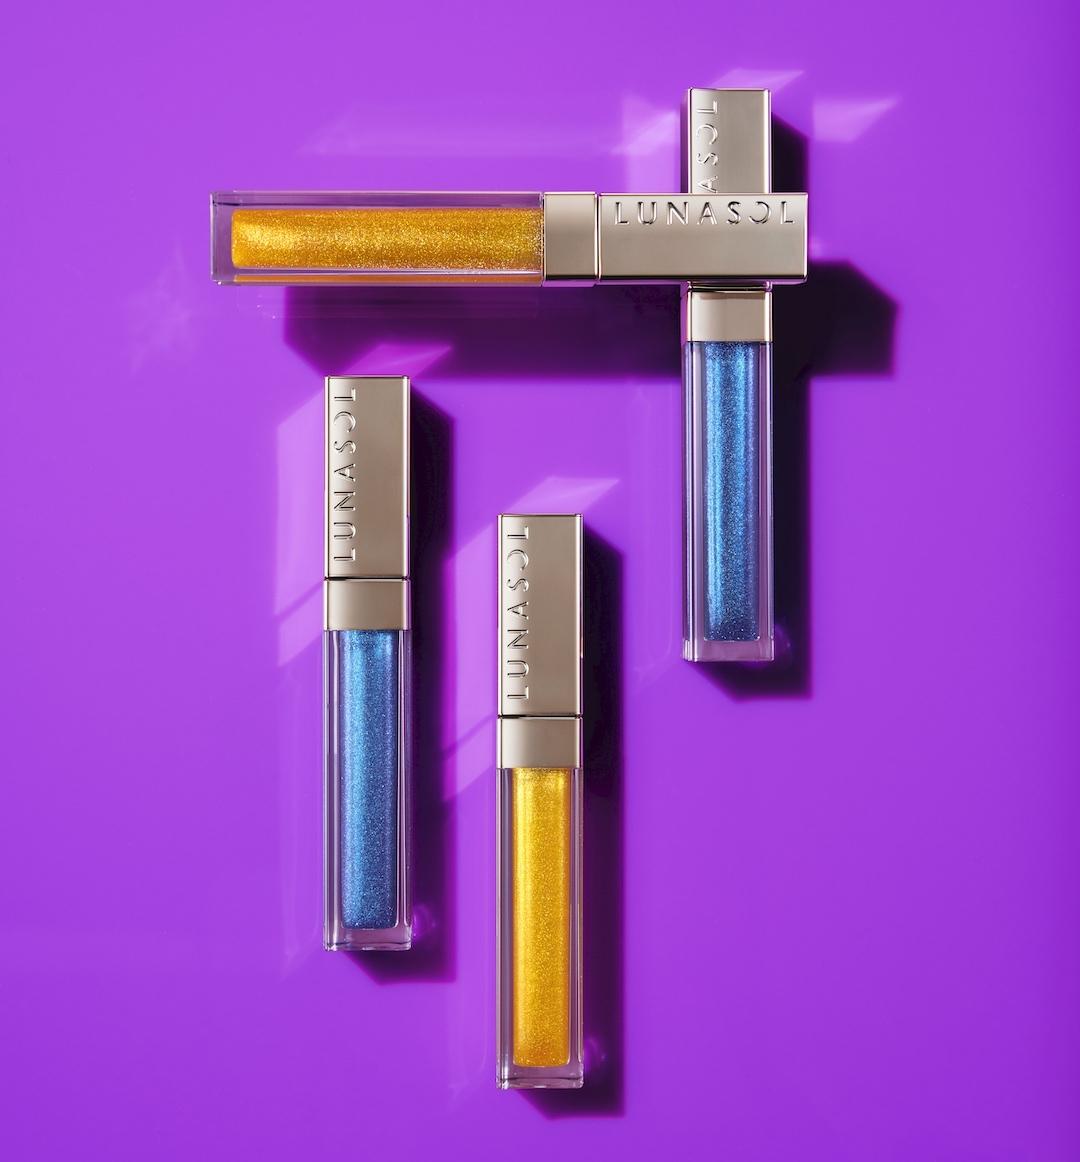 ルナソルのネオンカラーが可愛すぎ♡ カラフルな限定色で夏顔にスイッチ!_1_2